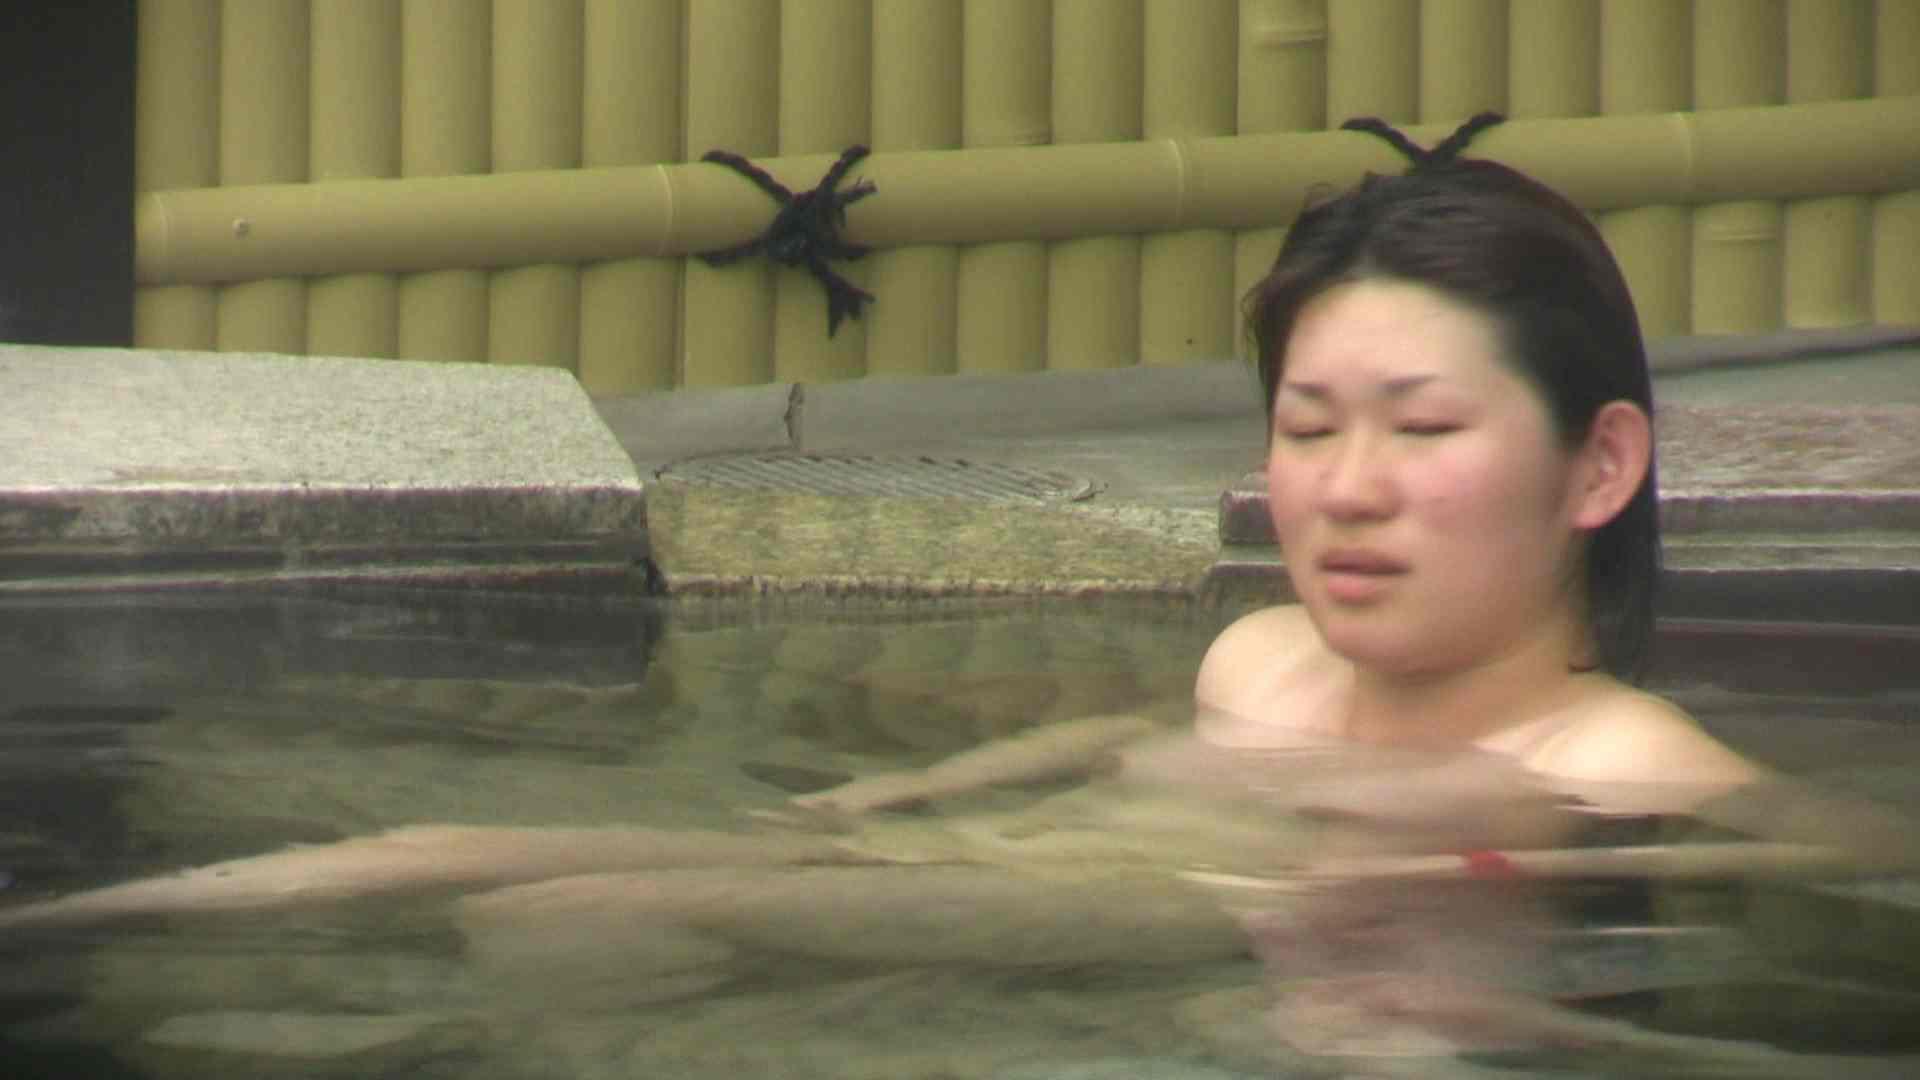 Aquaな露天風呂Vol.673 OLエロ画像  104PICs 72